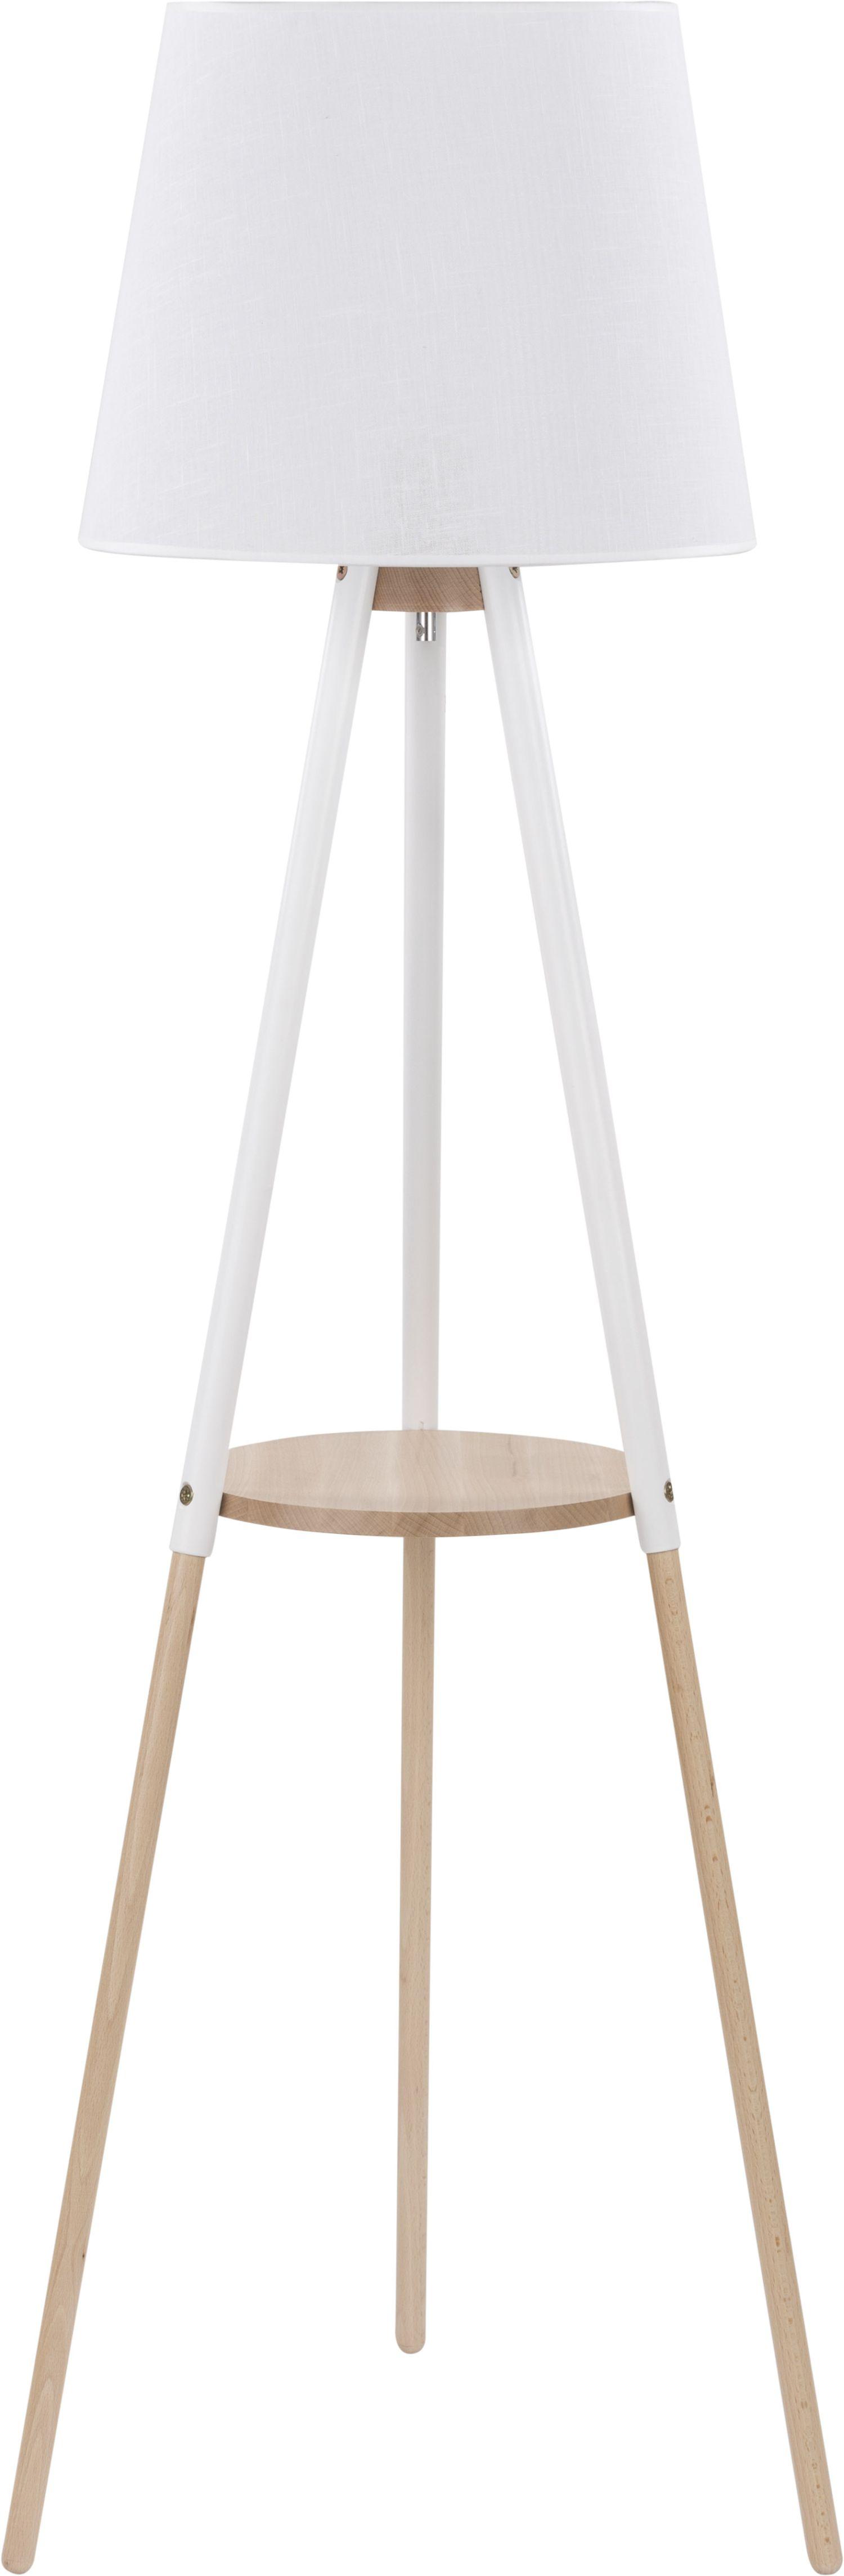 Stehleuchte VAIO Weiß Holz Dreibein skandinavisch